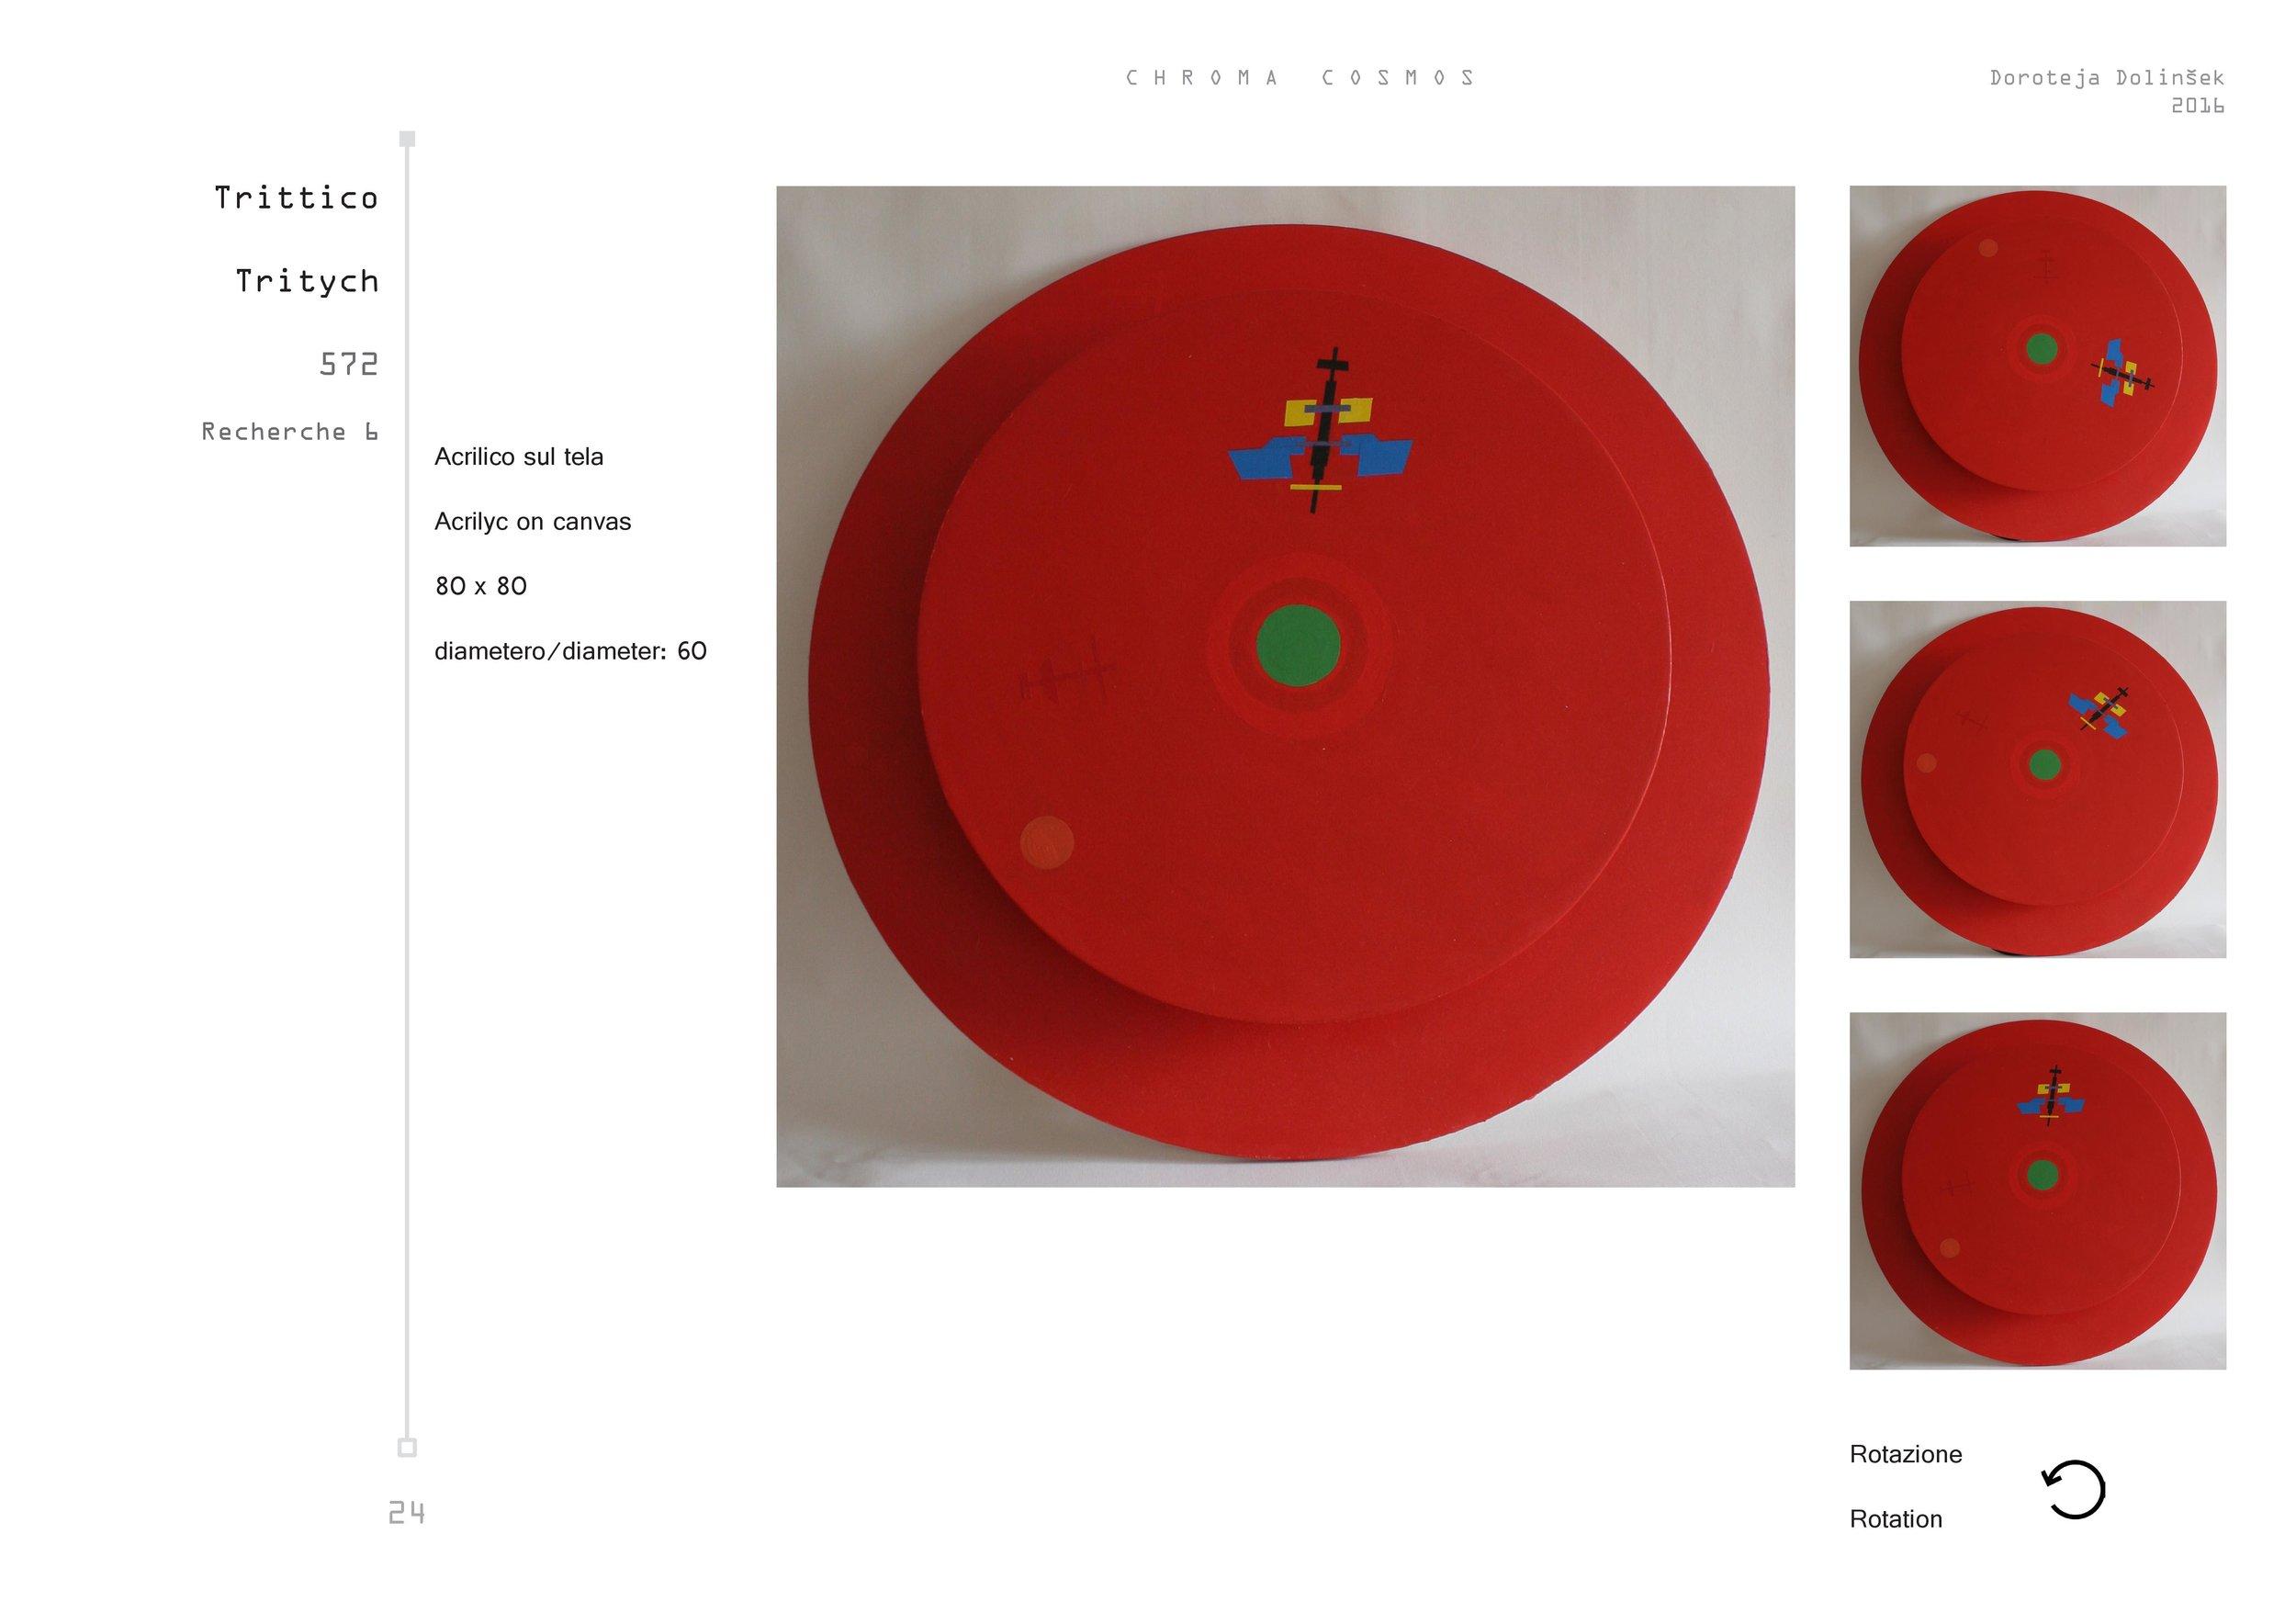 CHROMA COSMOS-page-024.jpg